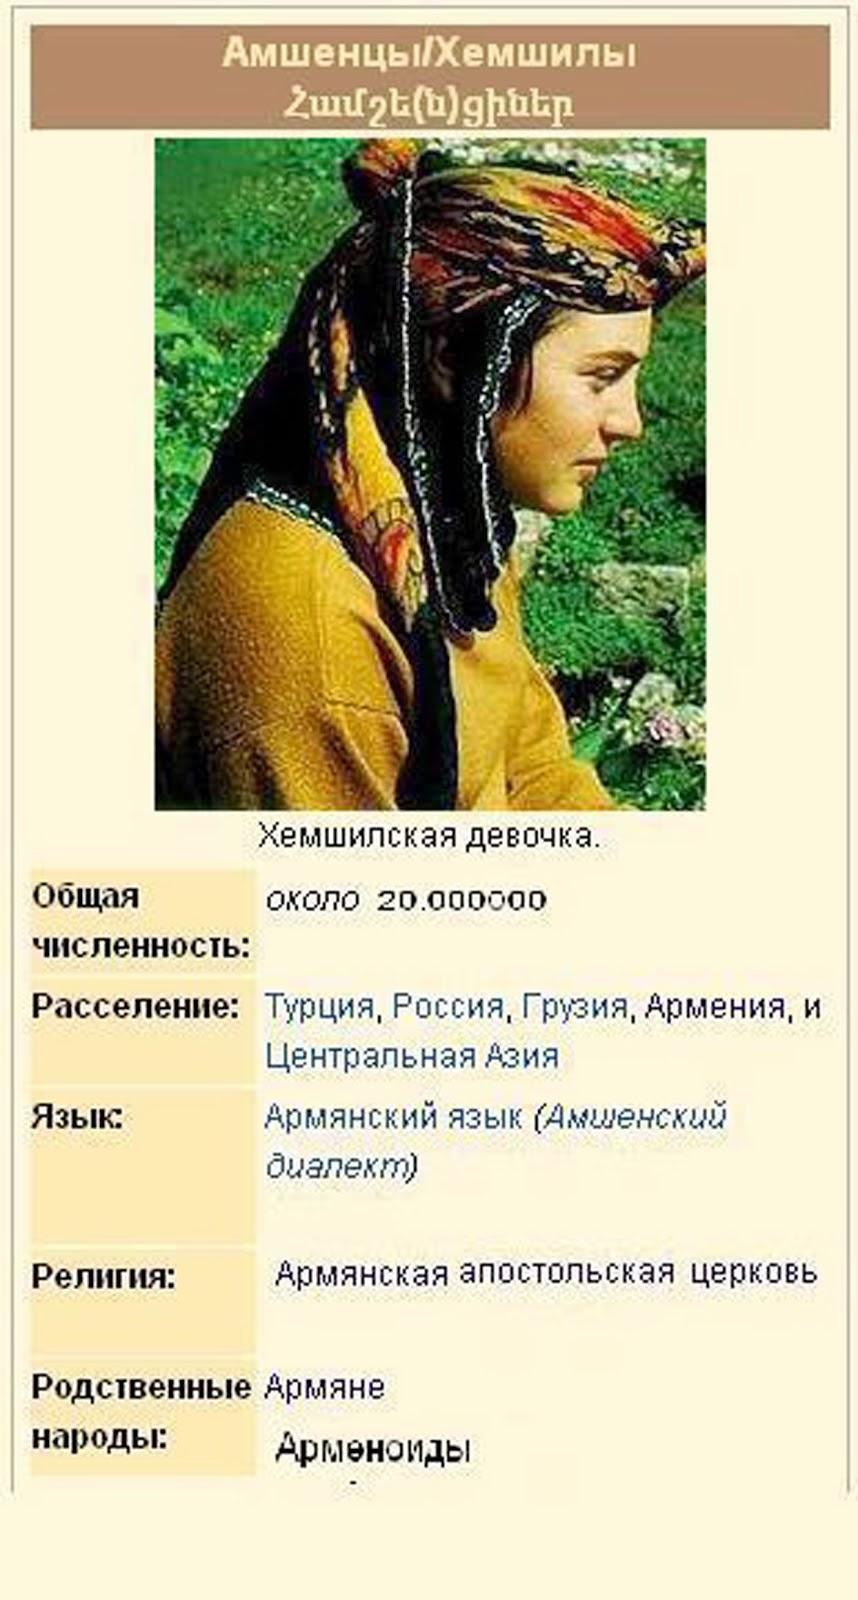 Малая Армения-Хамшен(Hamshen)- под оккупацией турции !